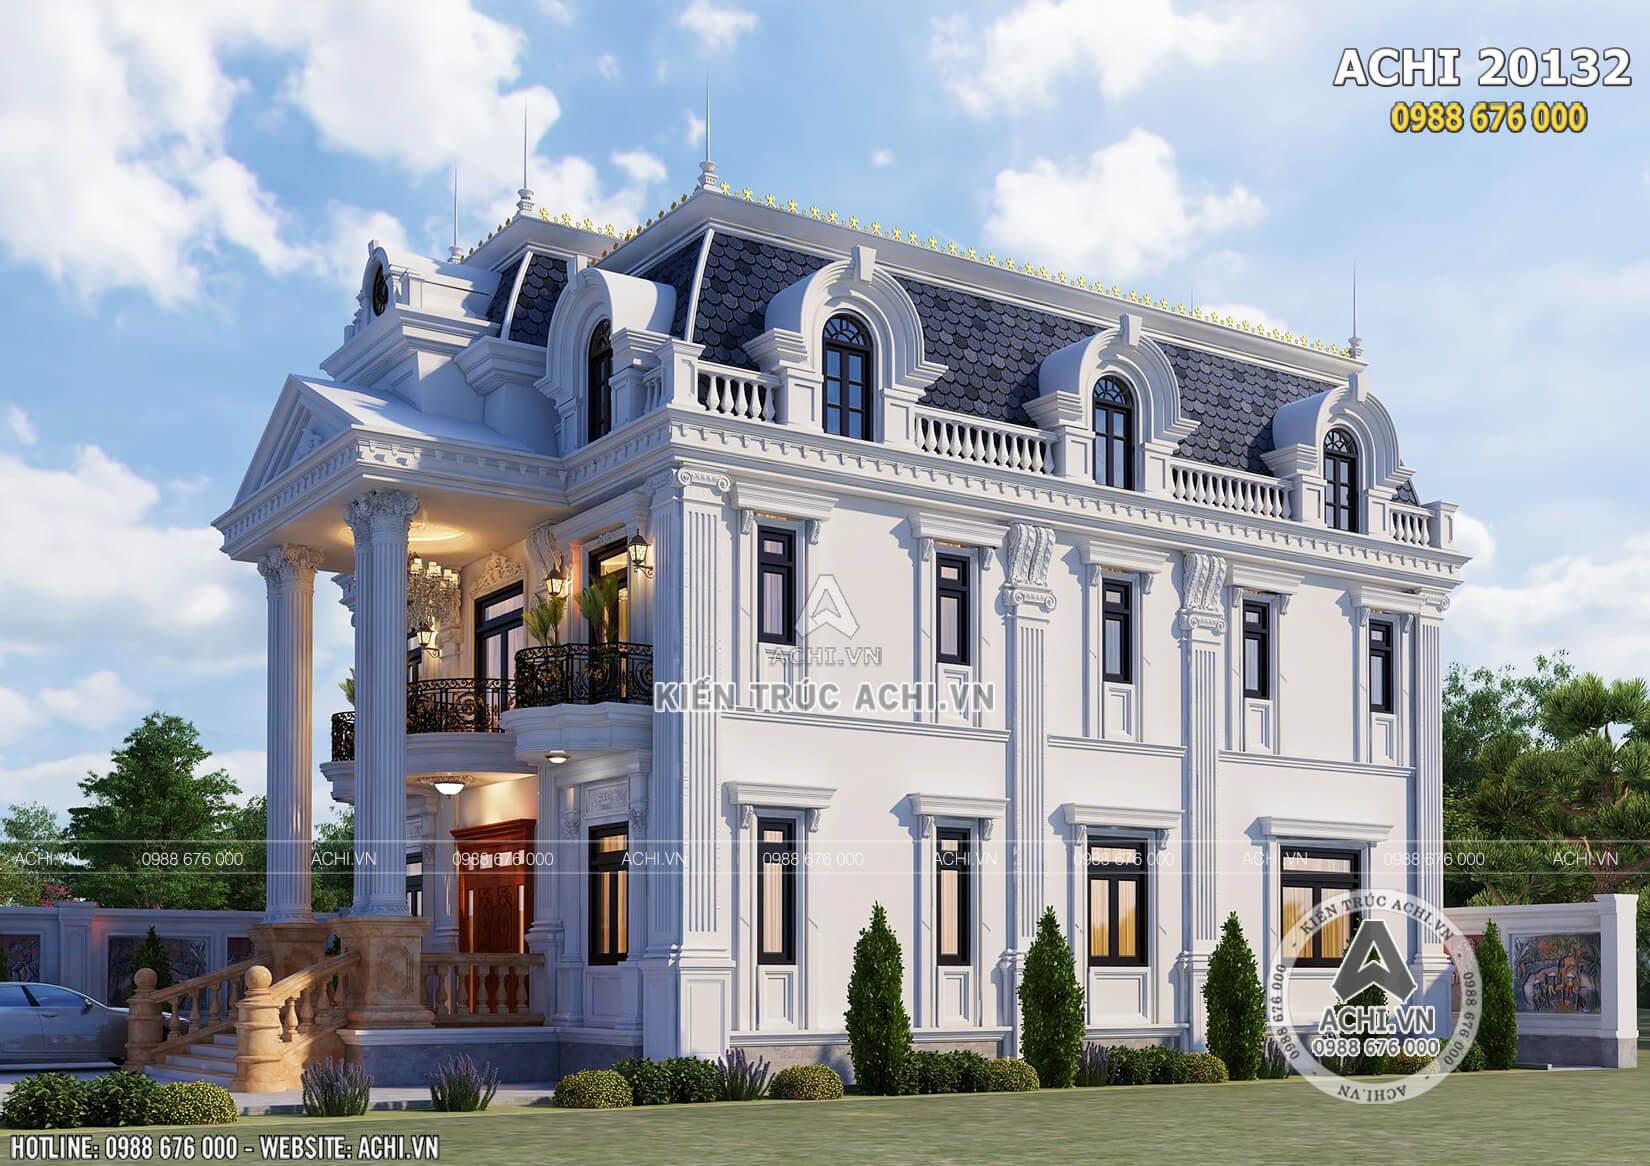 Mẫu thiết kế biệt thự tân cổ điển 2 tầng 1 tum đẹp tại Sóc Trăng - Mã số: ACHI 20132